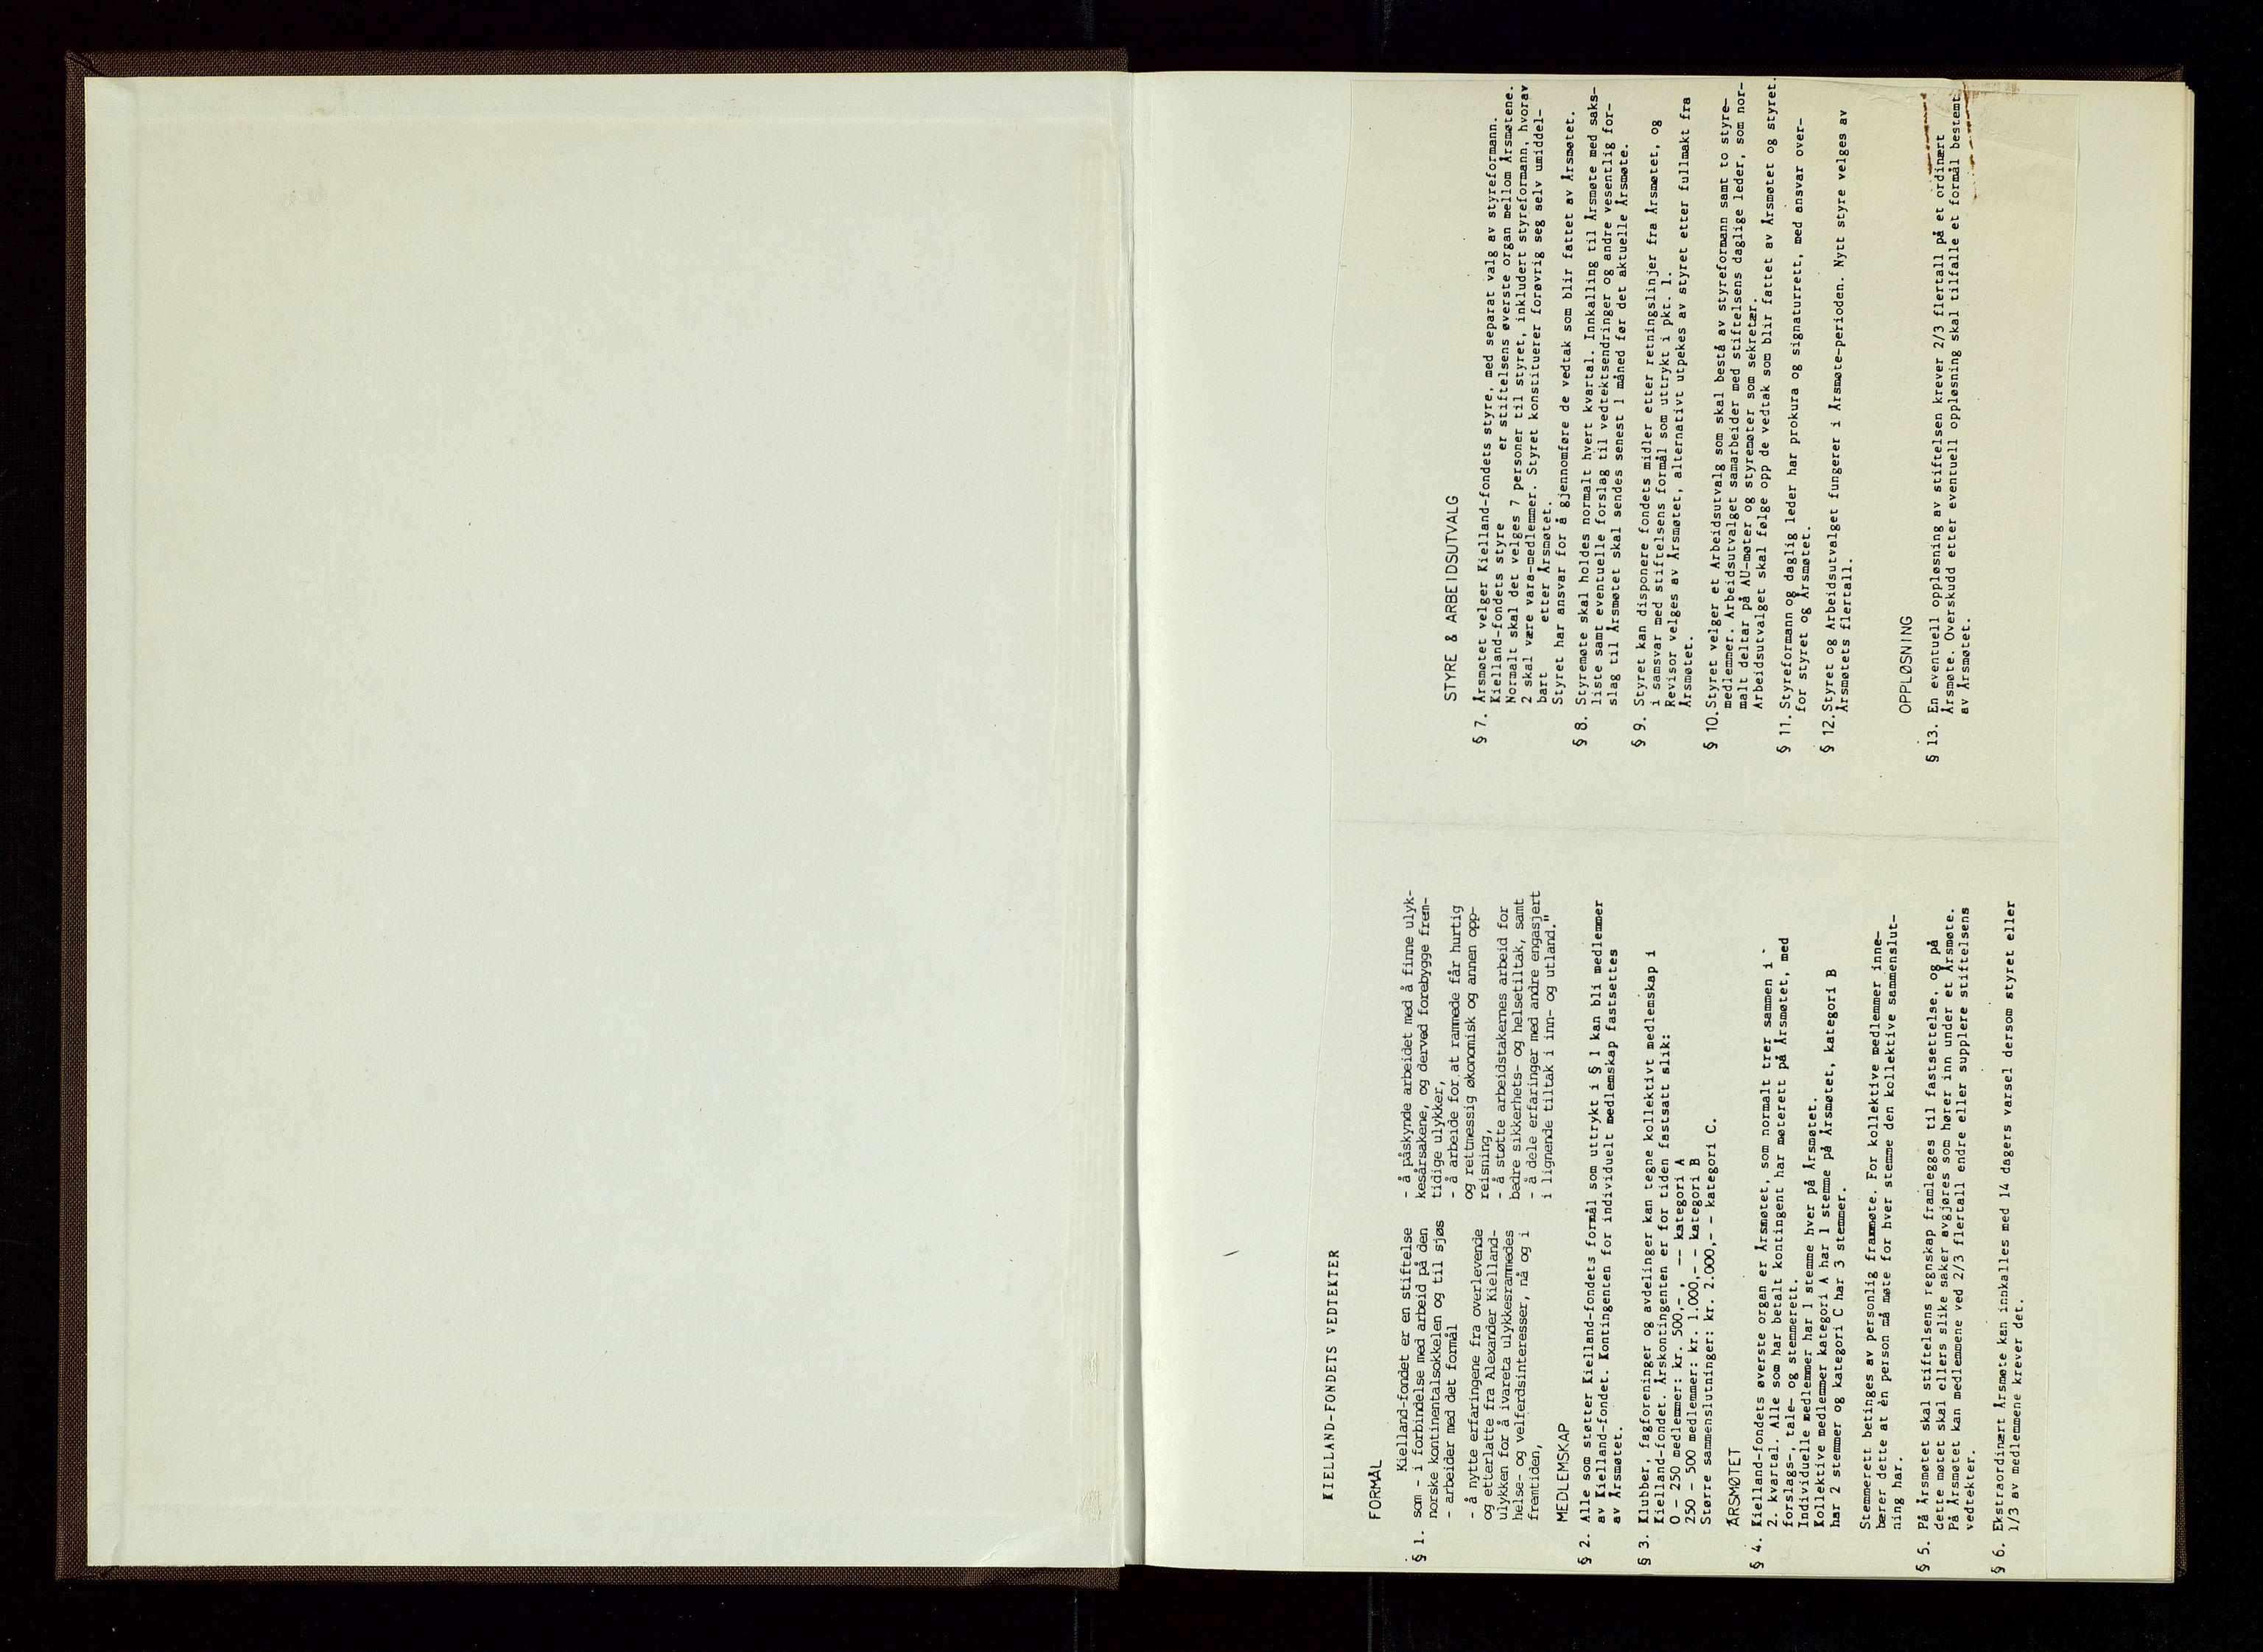 SAST, Pa 1660 - Kielland- fondet, A/Aa/L0001: Styreprotokoll Kielland- fondet, 1981-1995